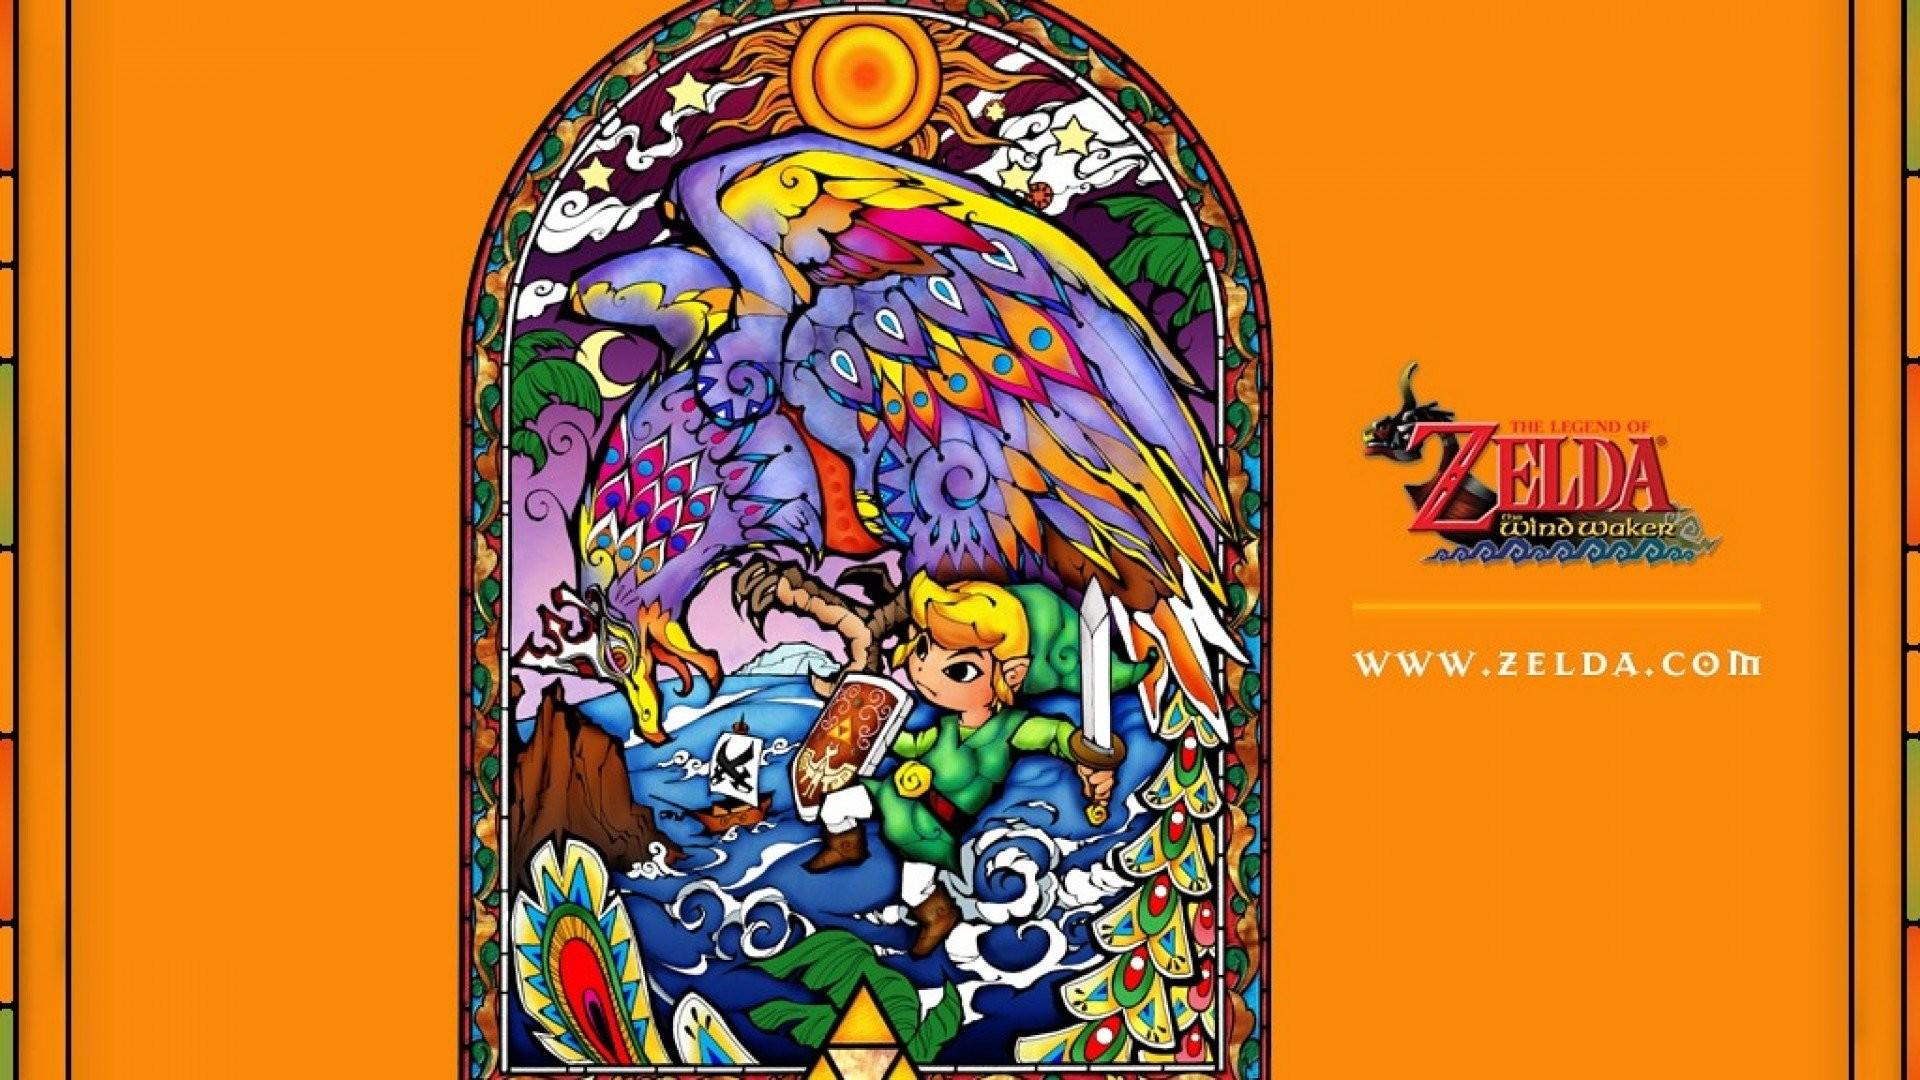 LEGEND ZELDA WINDWAKER action adventure family nintendo wallpaper      408963   WallpaperUP